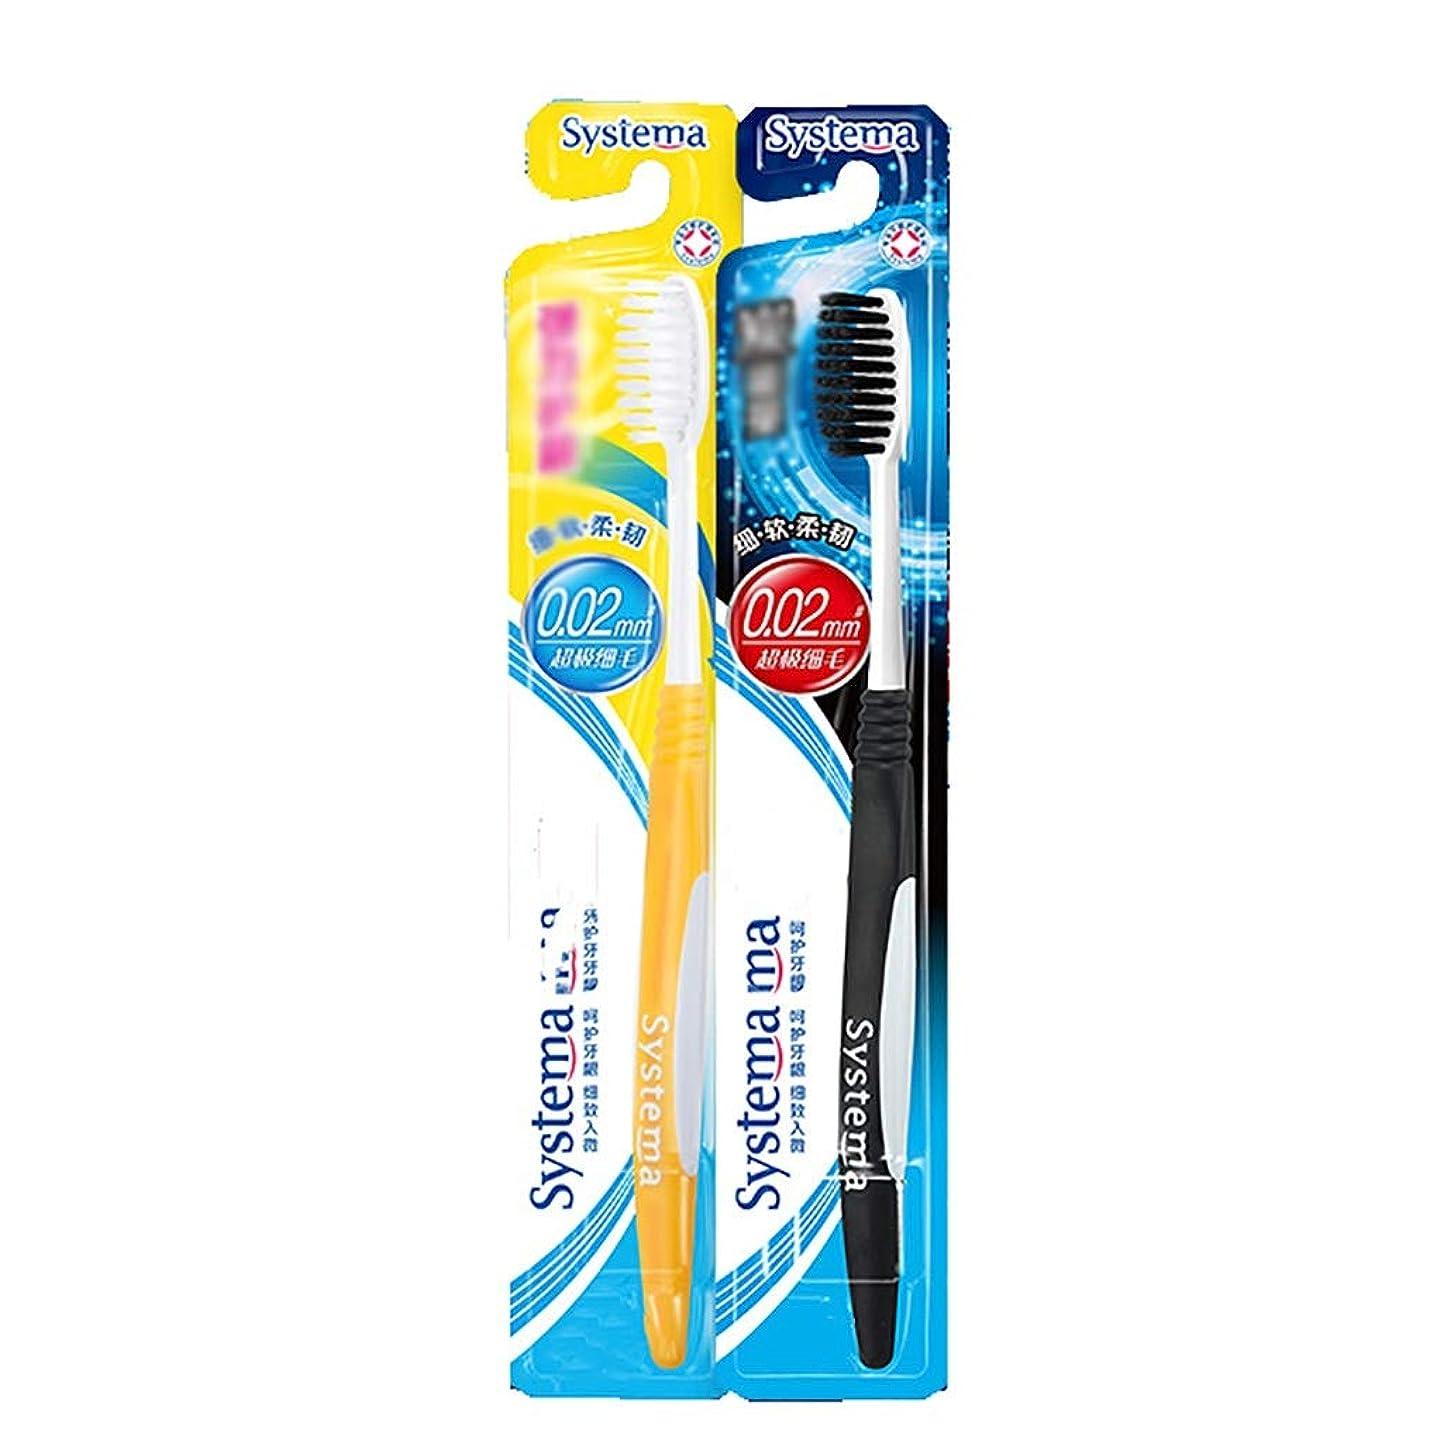 さわやかポイントくつろぐ合理化されたグリップ歯ブラシ、大人の家族10パック、ランダムな色